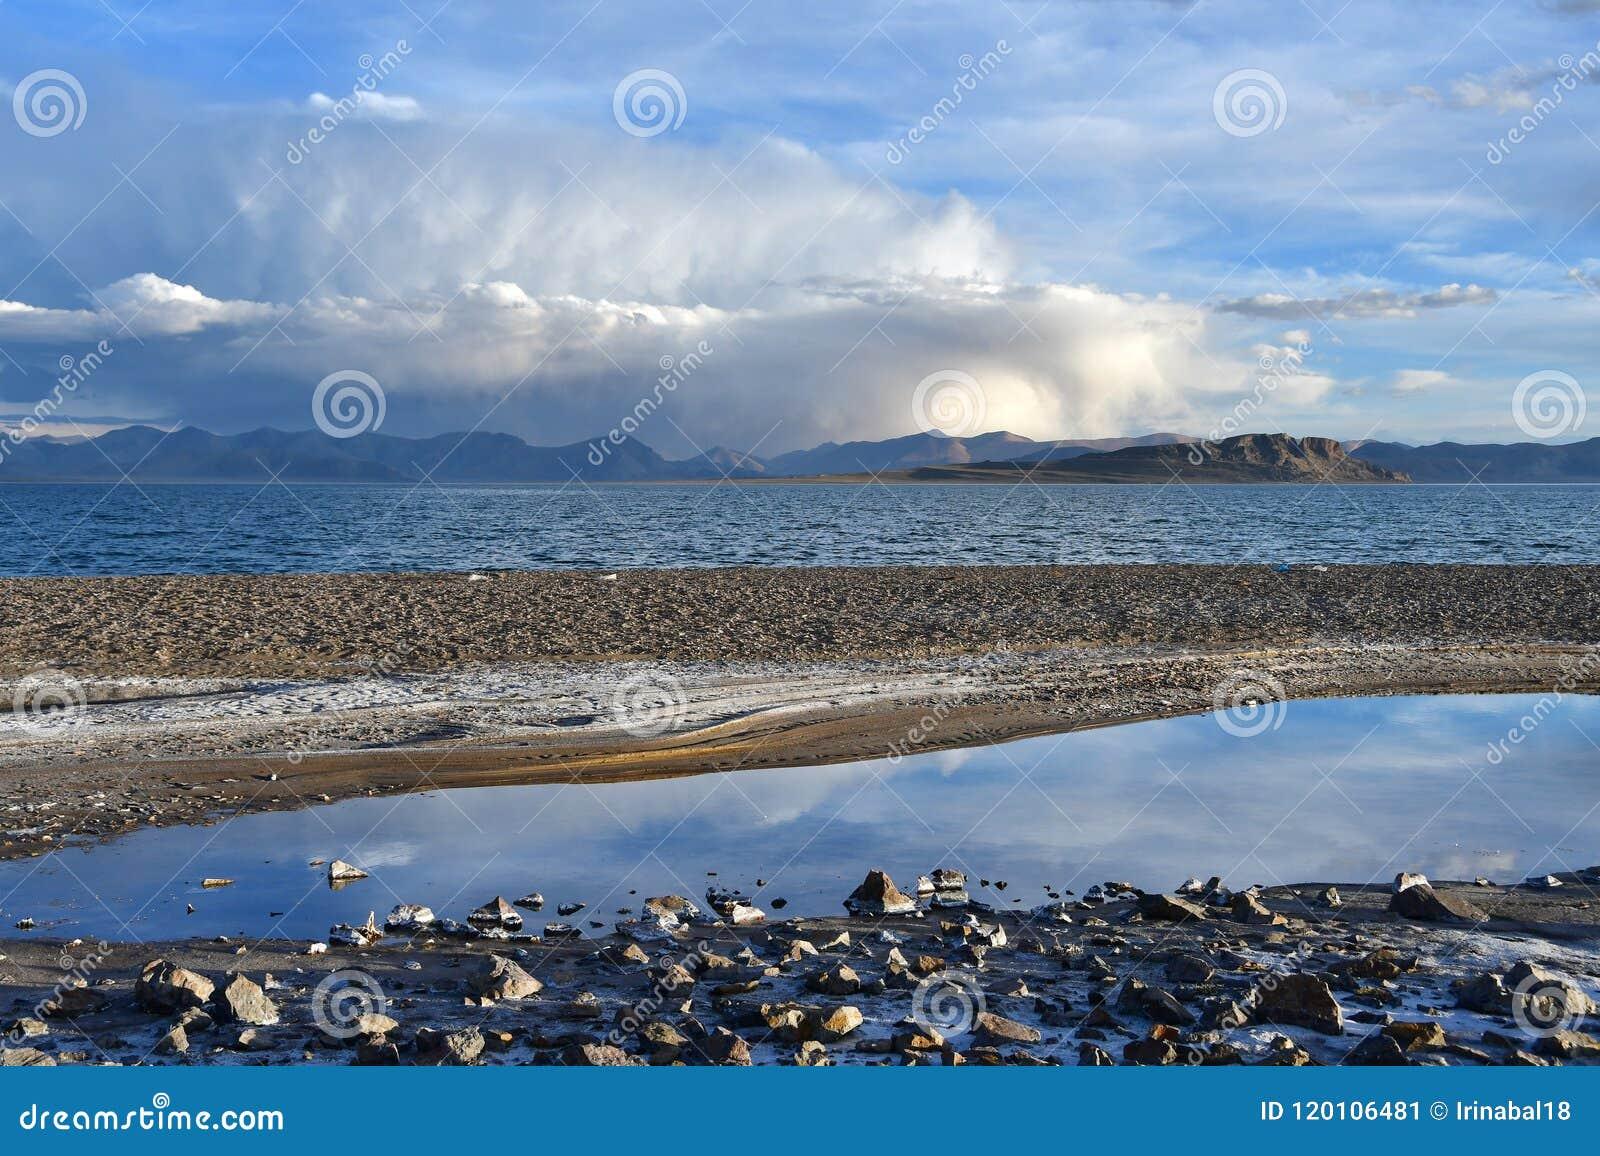 Chiny Wielcy jeziora Tybet Jeziorny Teri Tashi Namtso w lato wieczór pod chmurnym niebem